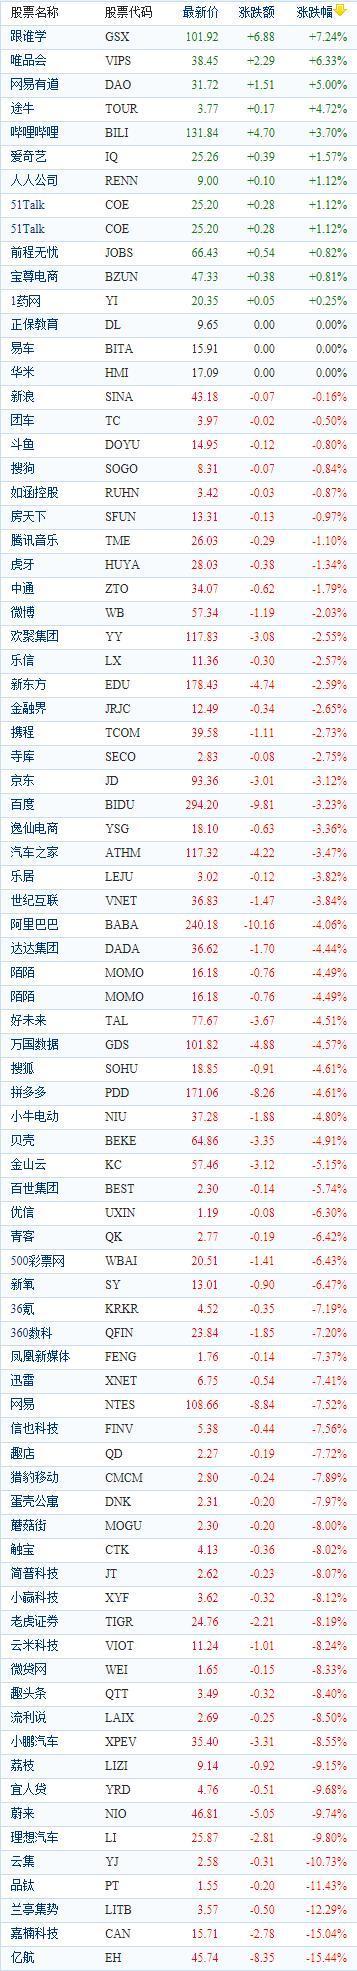 中国概念股周四收盘多数走低 蔚来、理想跌幅均超8%